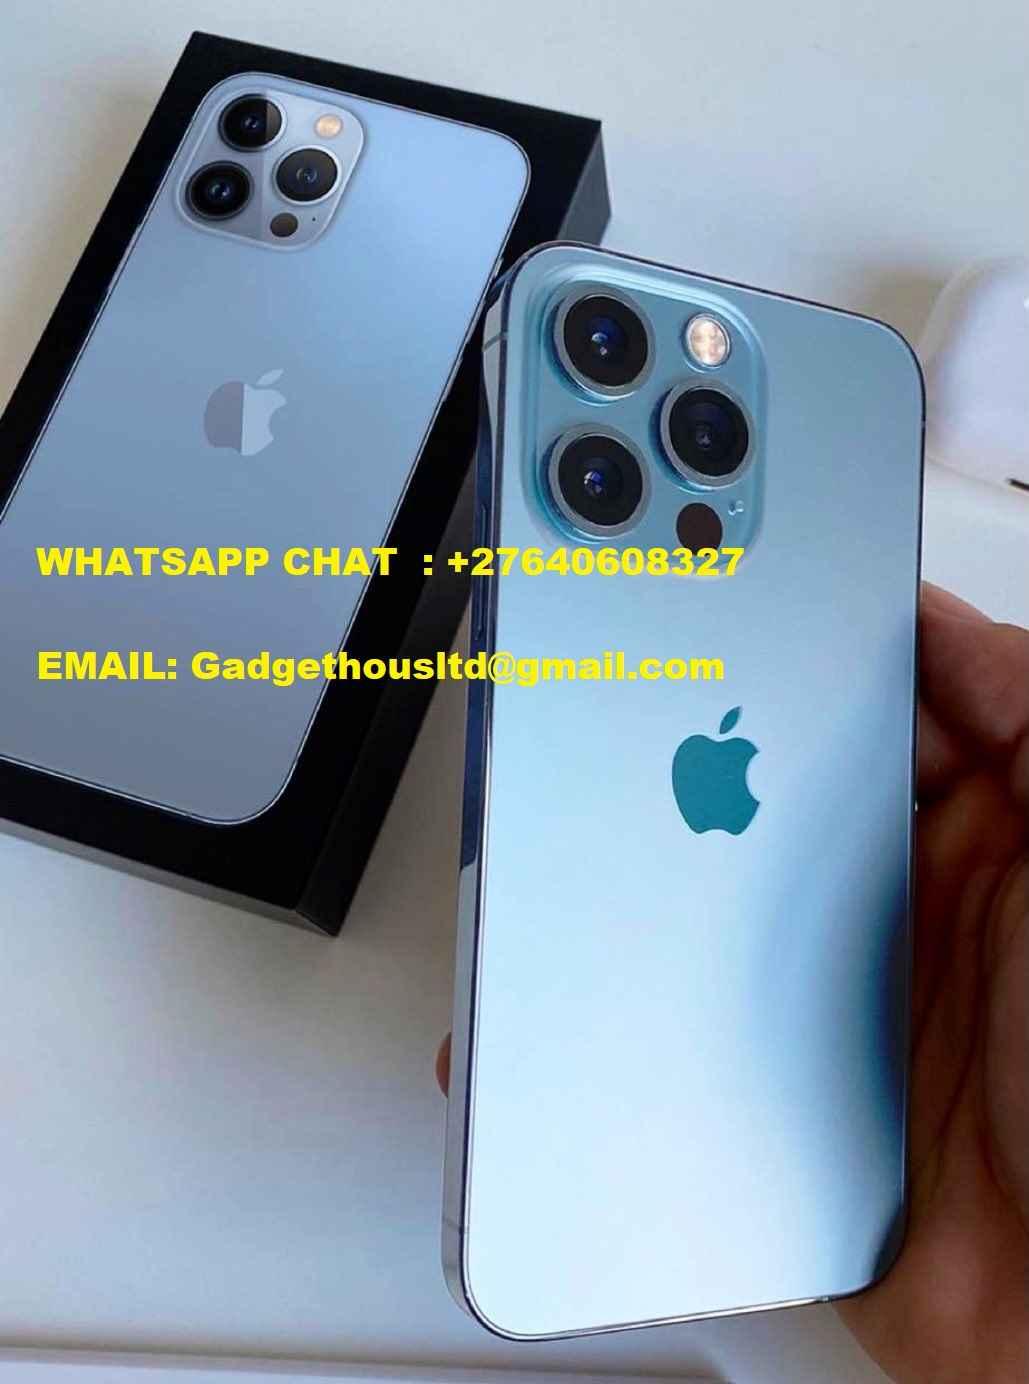 Nowe Apple iPhone 13 Pro i iPhone 13 Pro Max 128GB/ 256GB / 512GB/ 1TB Mokotów - zdjęcie 4